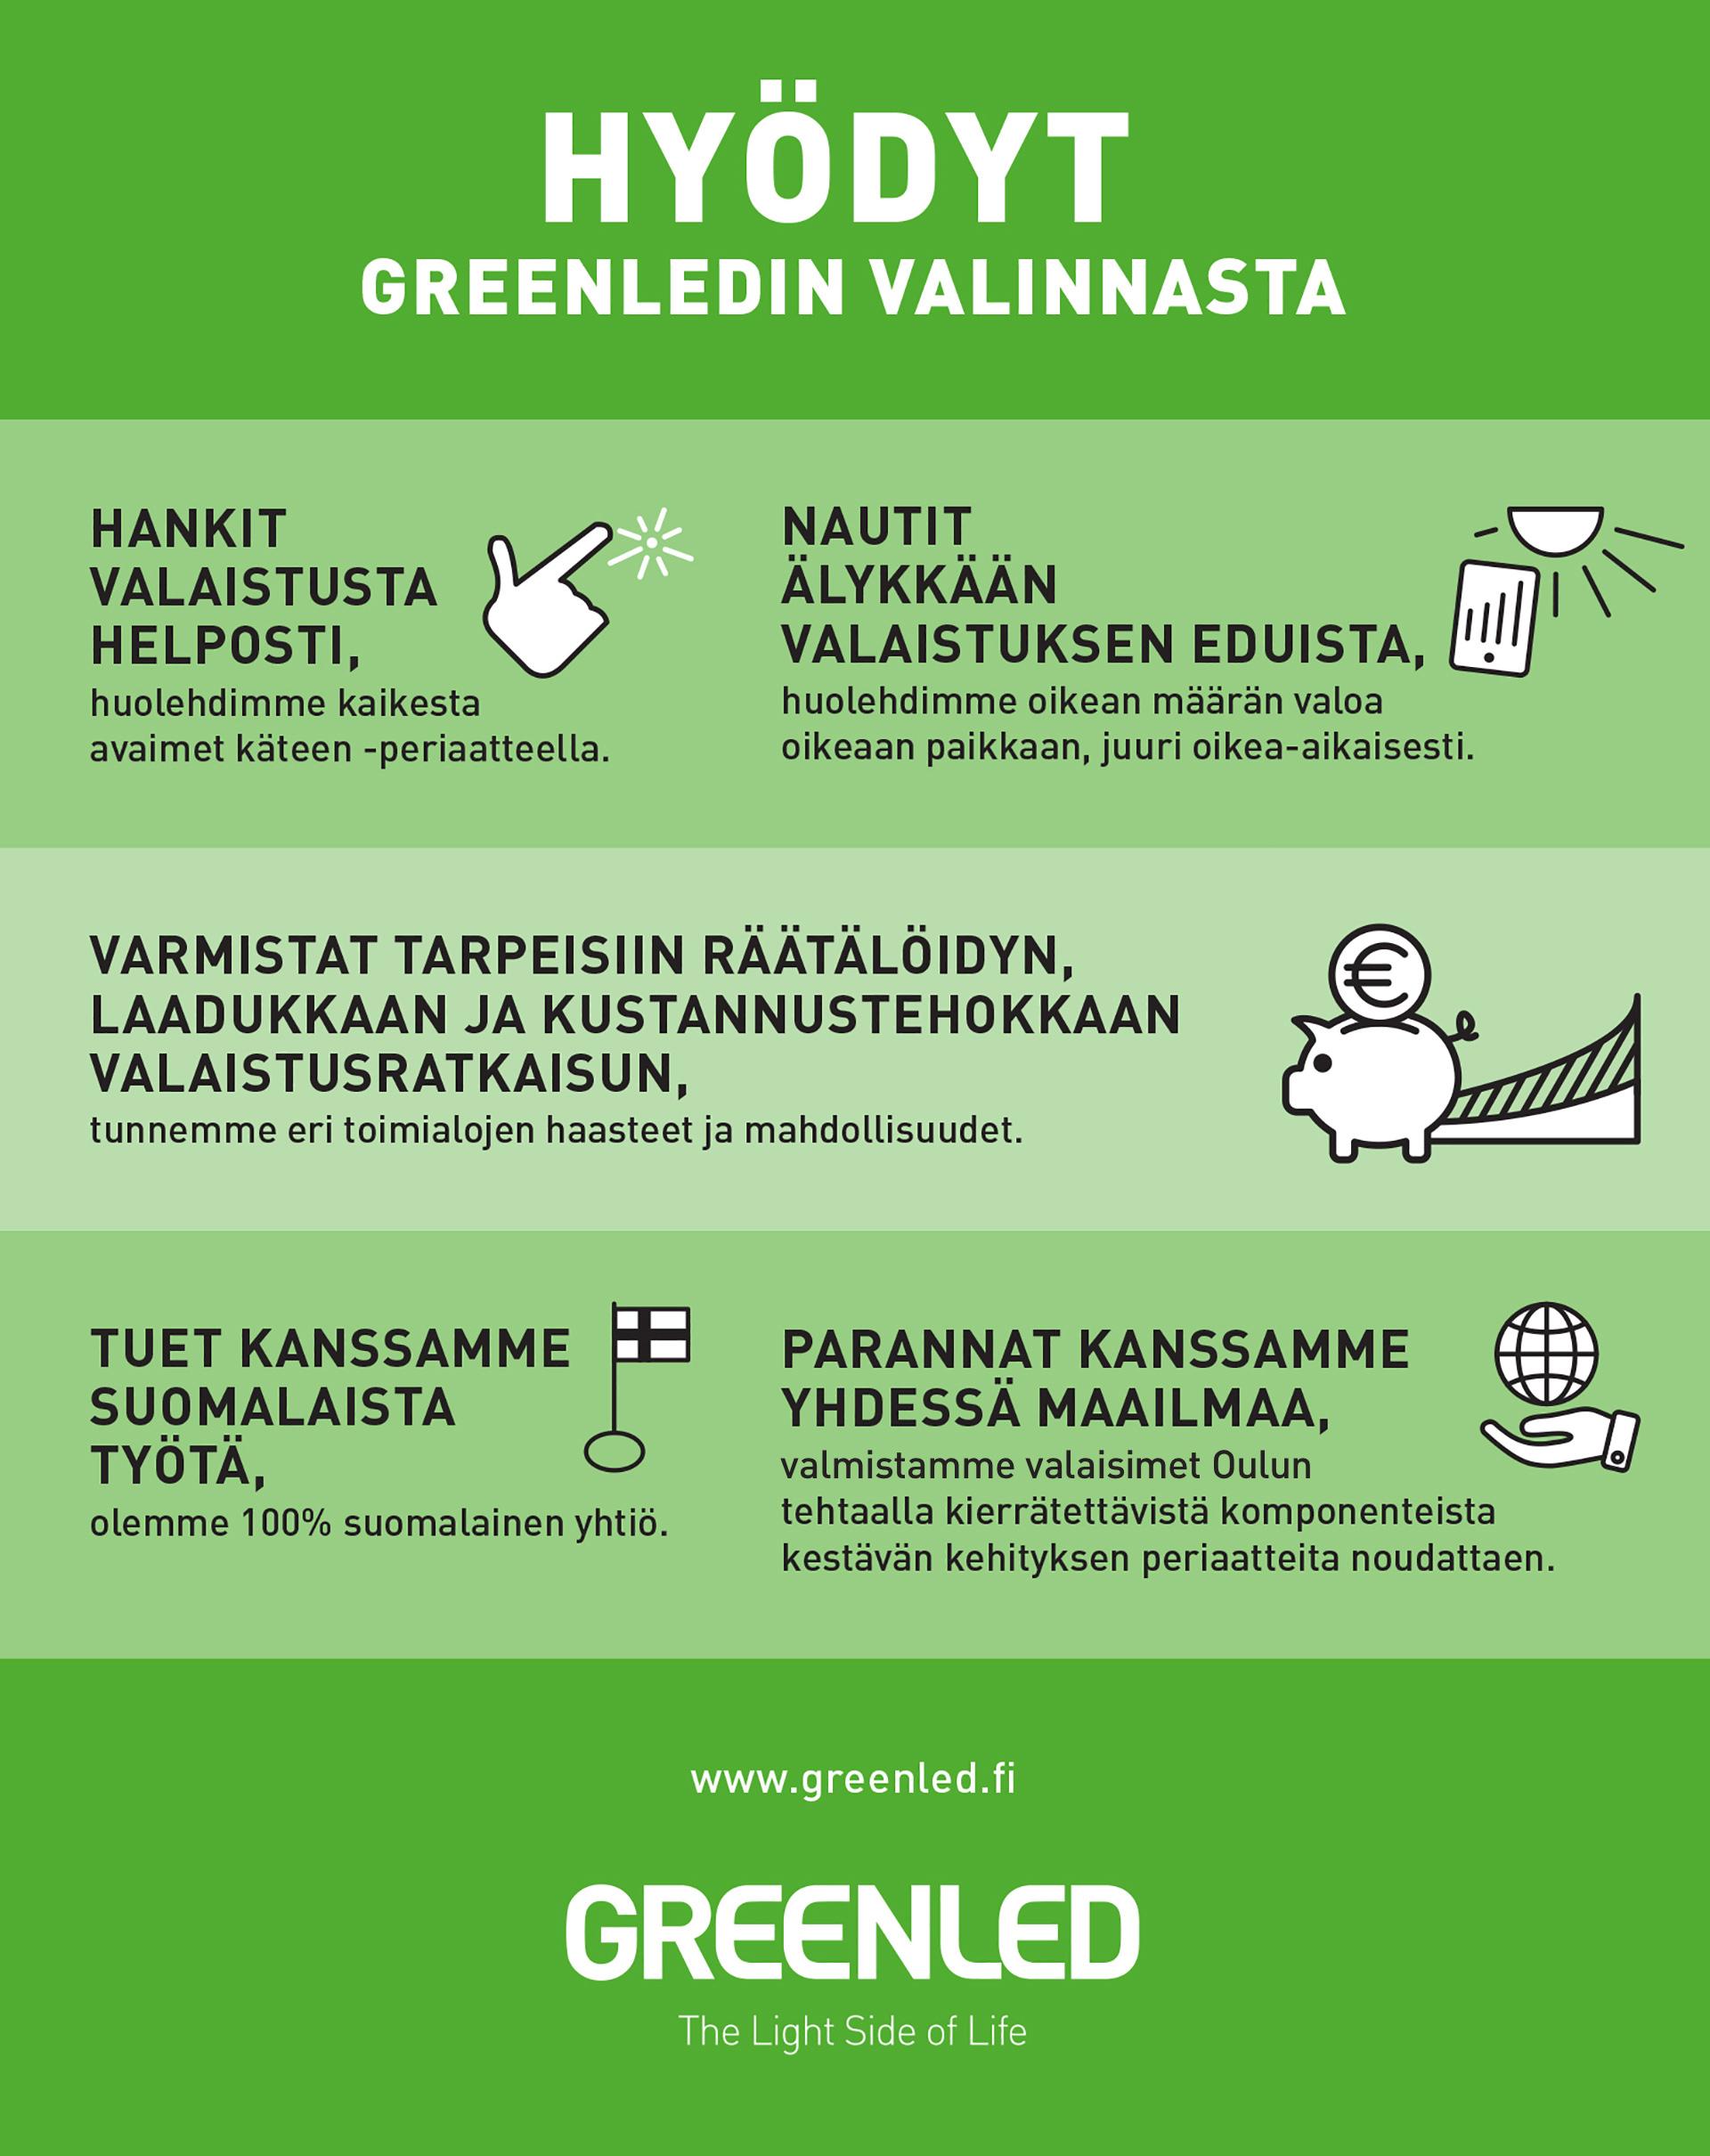 Miksi valaistuskumppaniksi kannattaa valita Greenled? Tässä 5 hyvää syytä